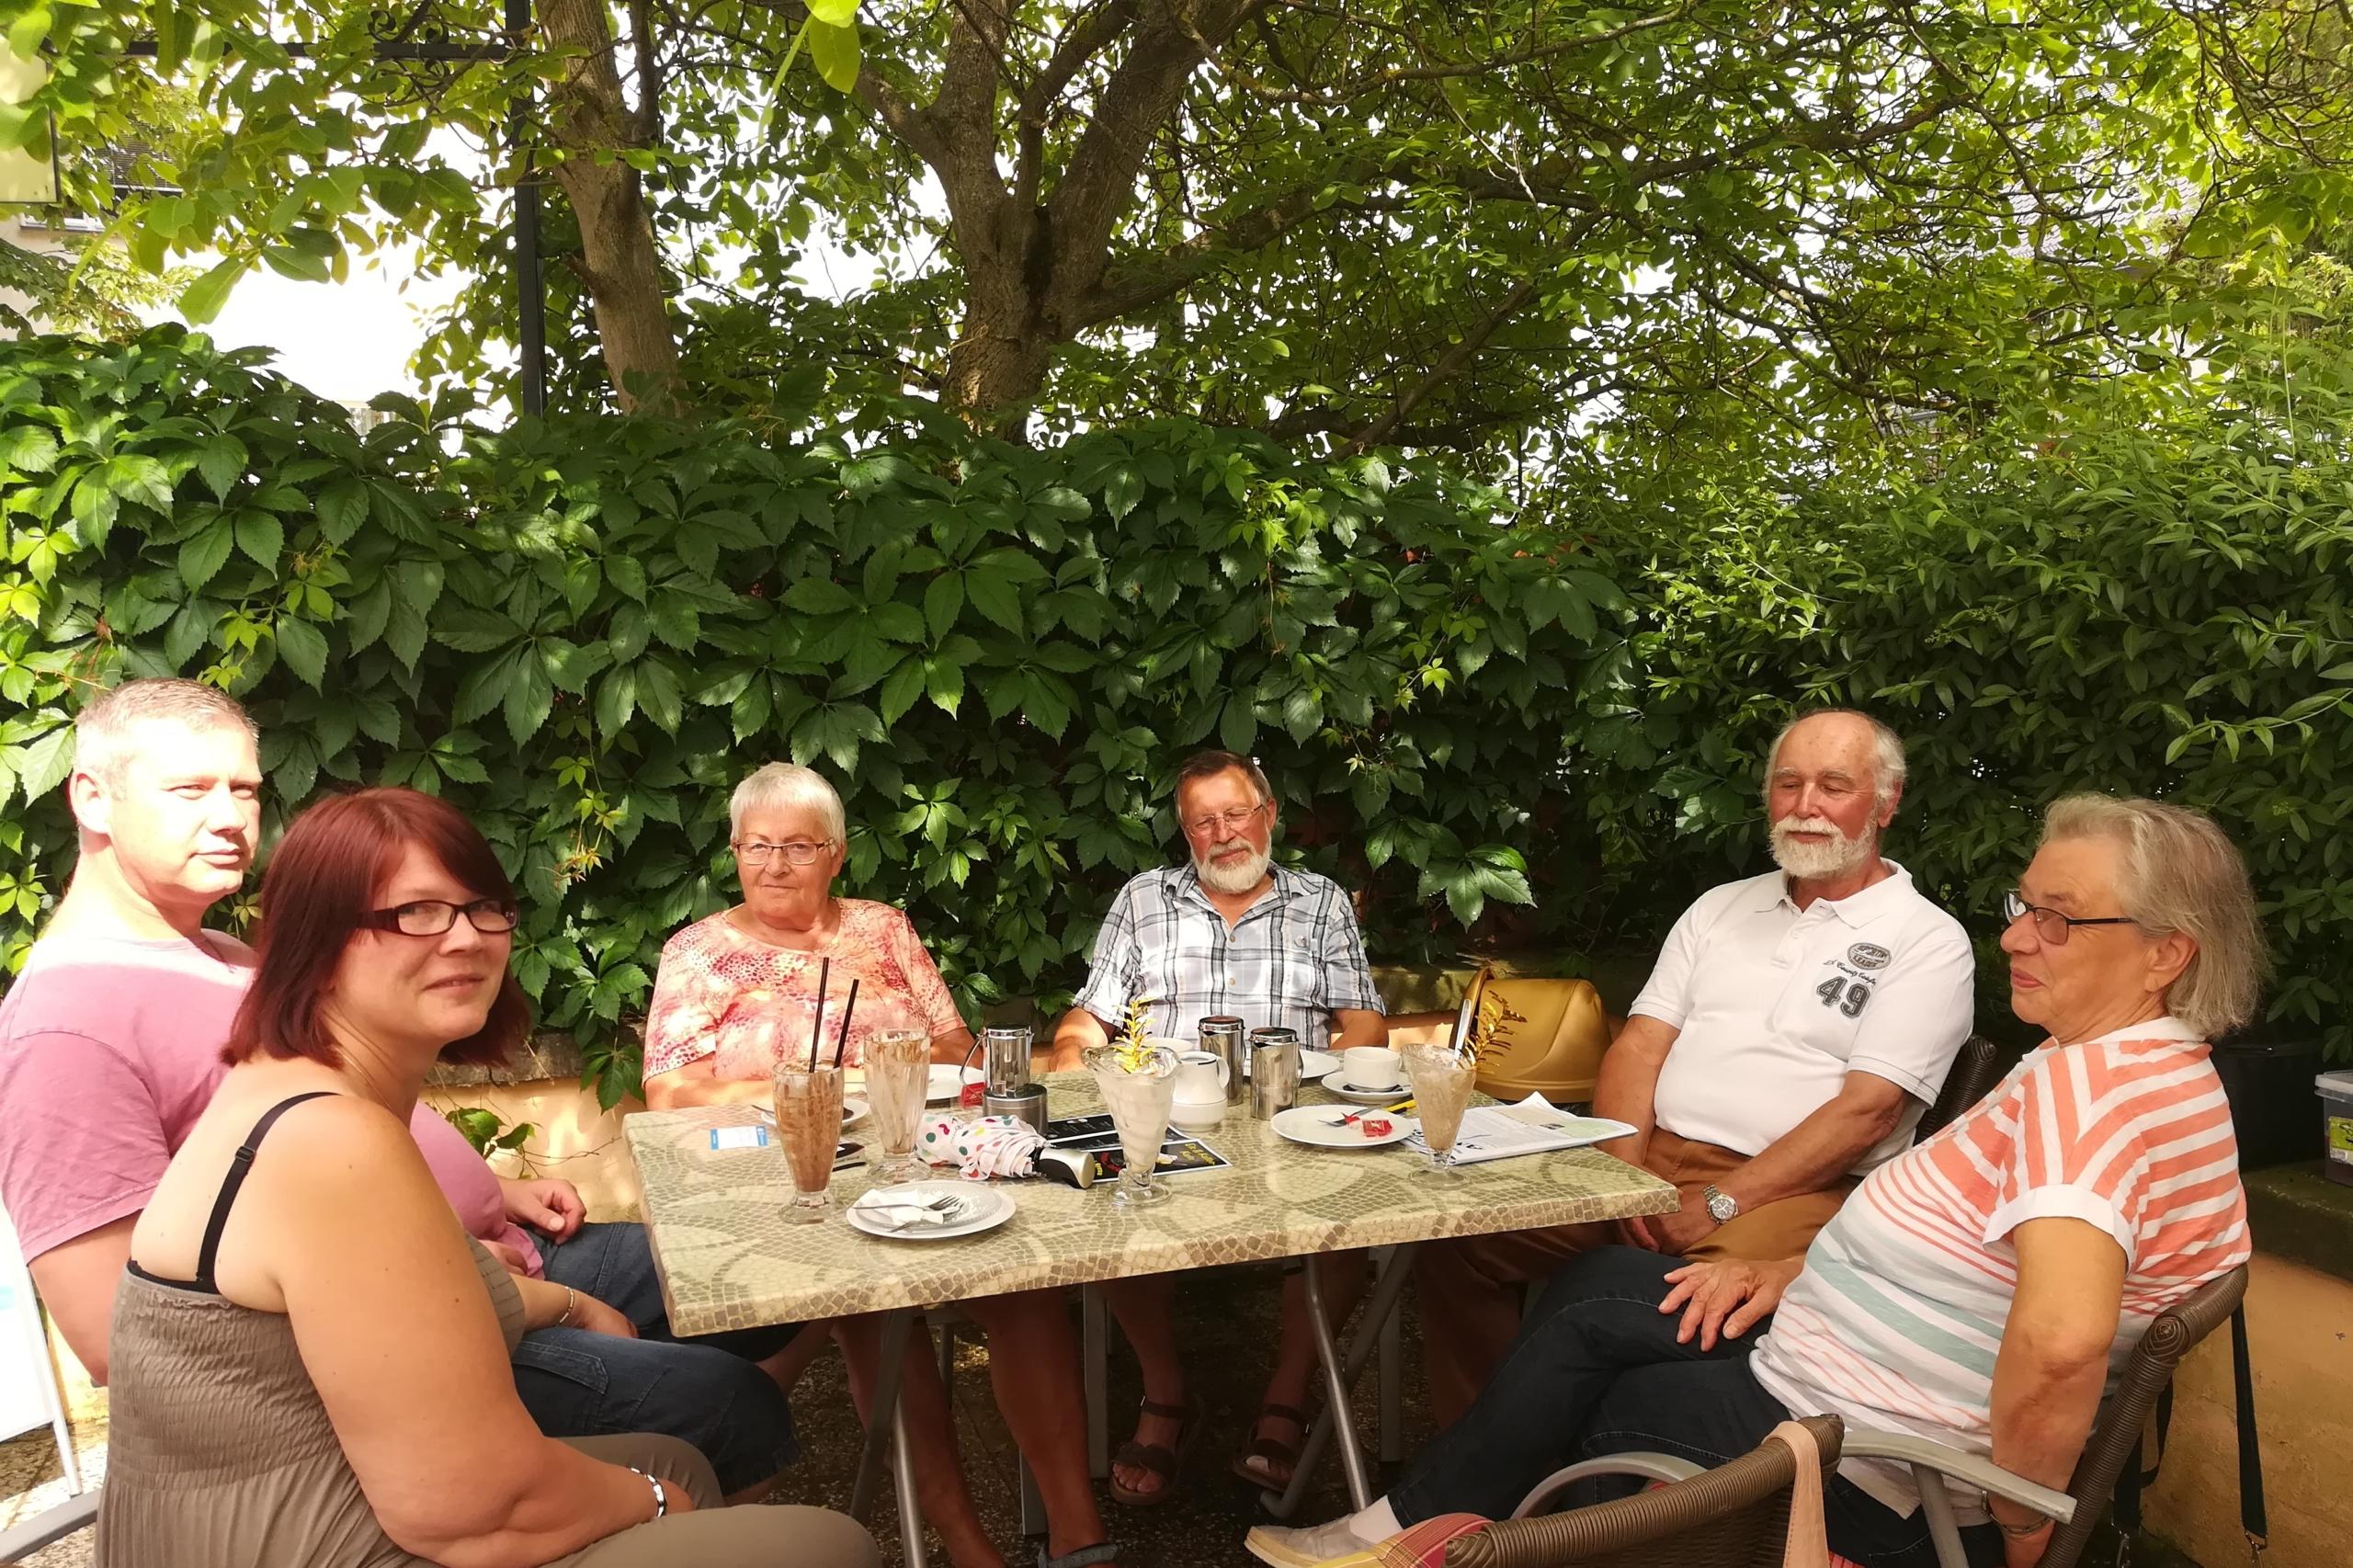 Sechs Personen sitzen um einen Tisch herum